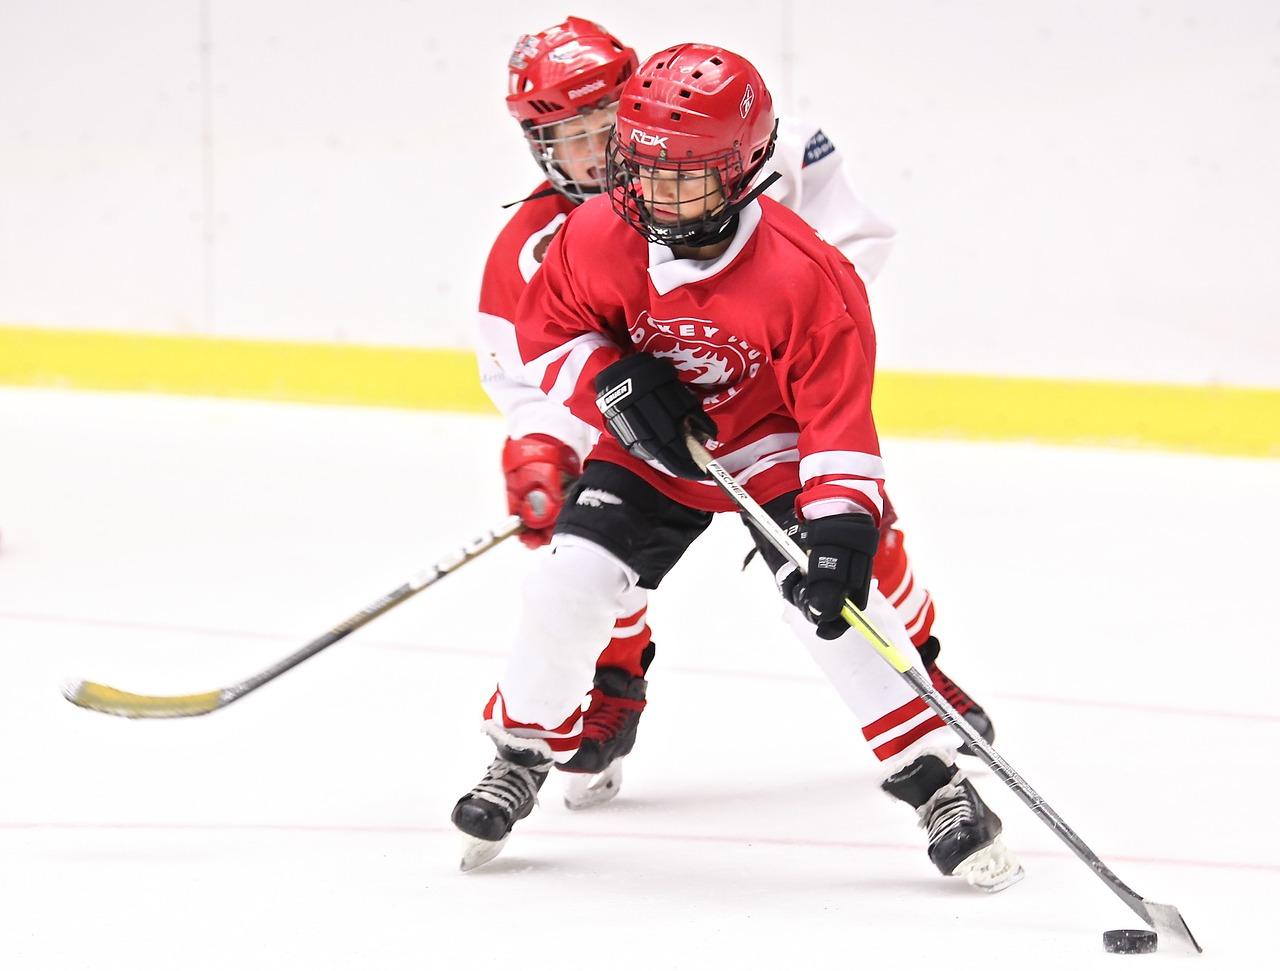 Hokej je nejrychlejší hrou na světě. Děti mají mnoho idolů v zámoří